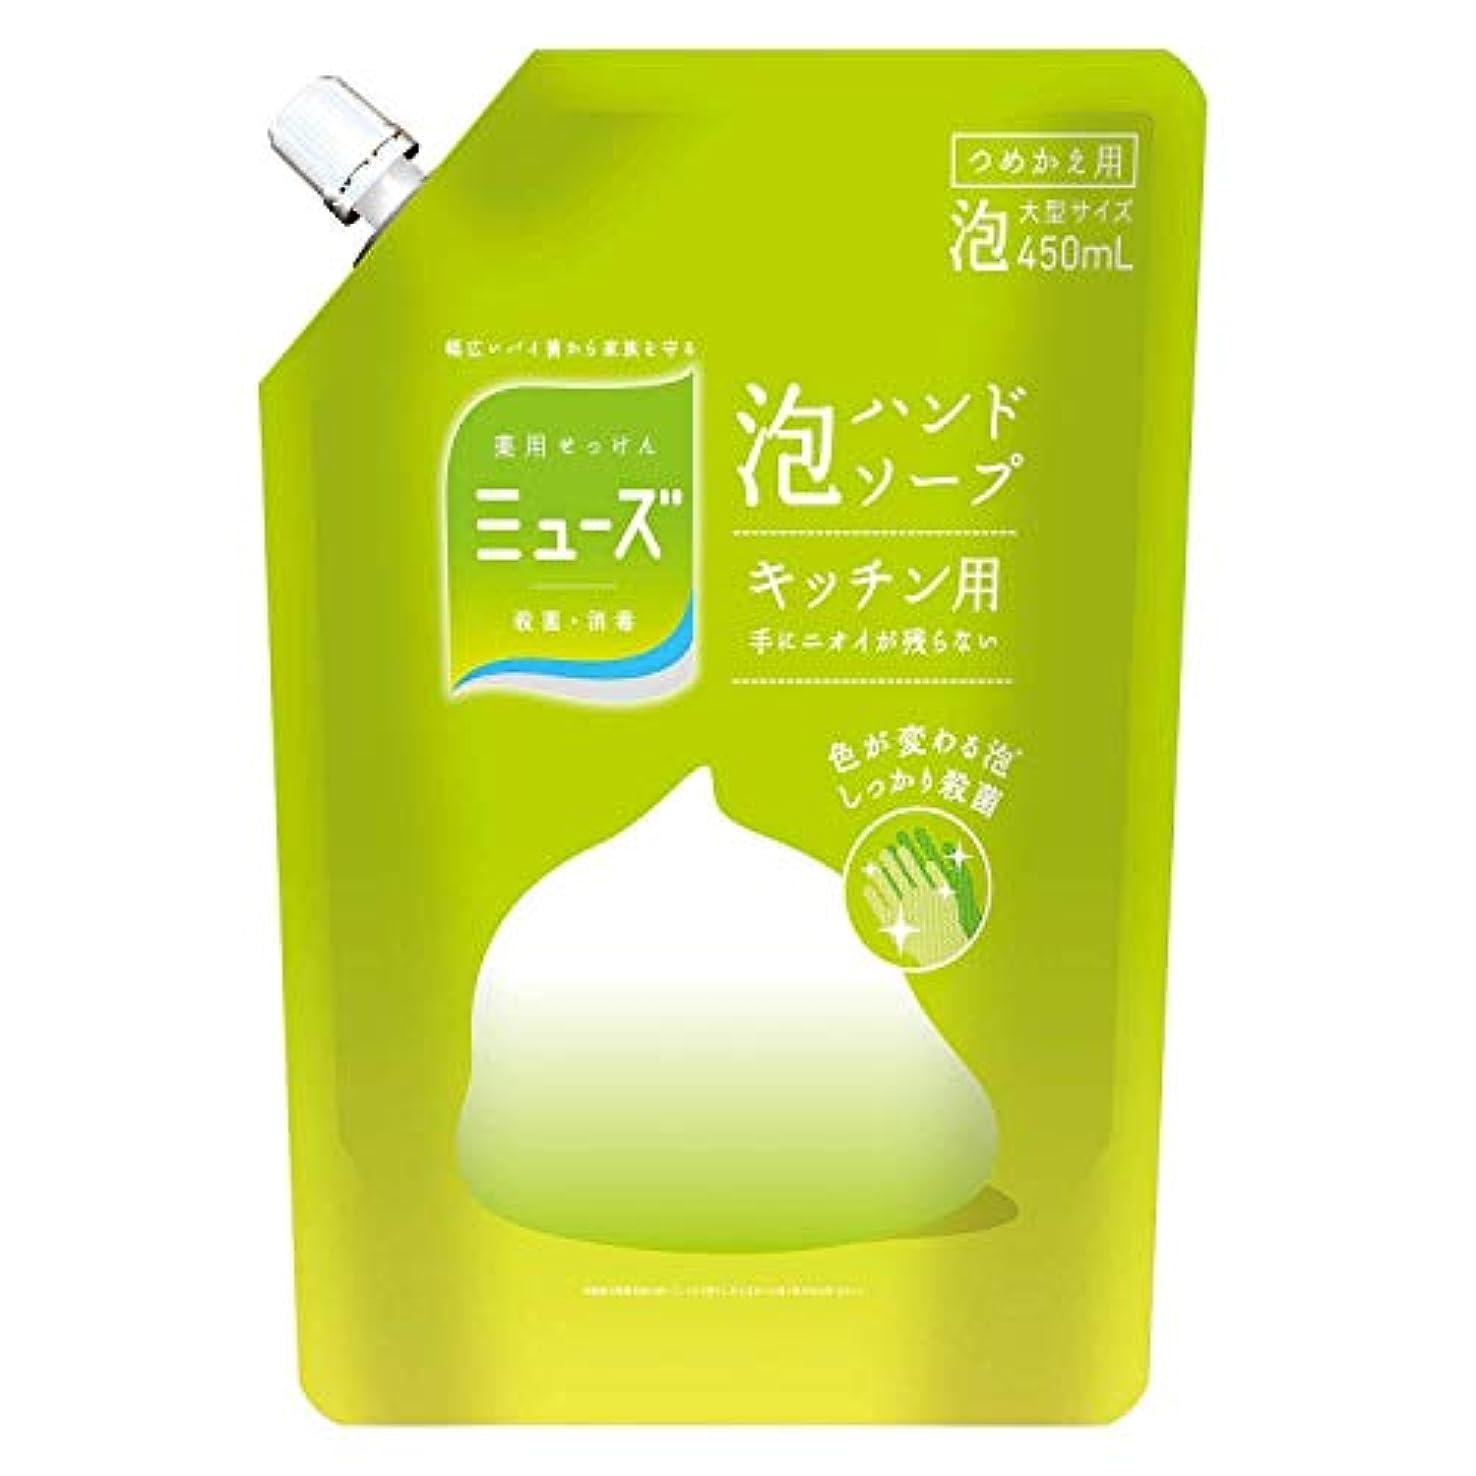 【医薬部外品】ミューズ 泡 ハンドソープ 詰め替え キッチン用 450ml